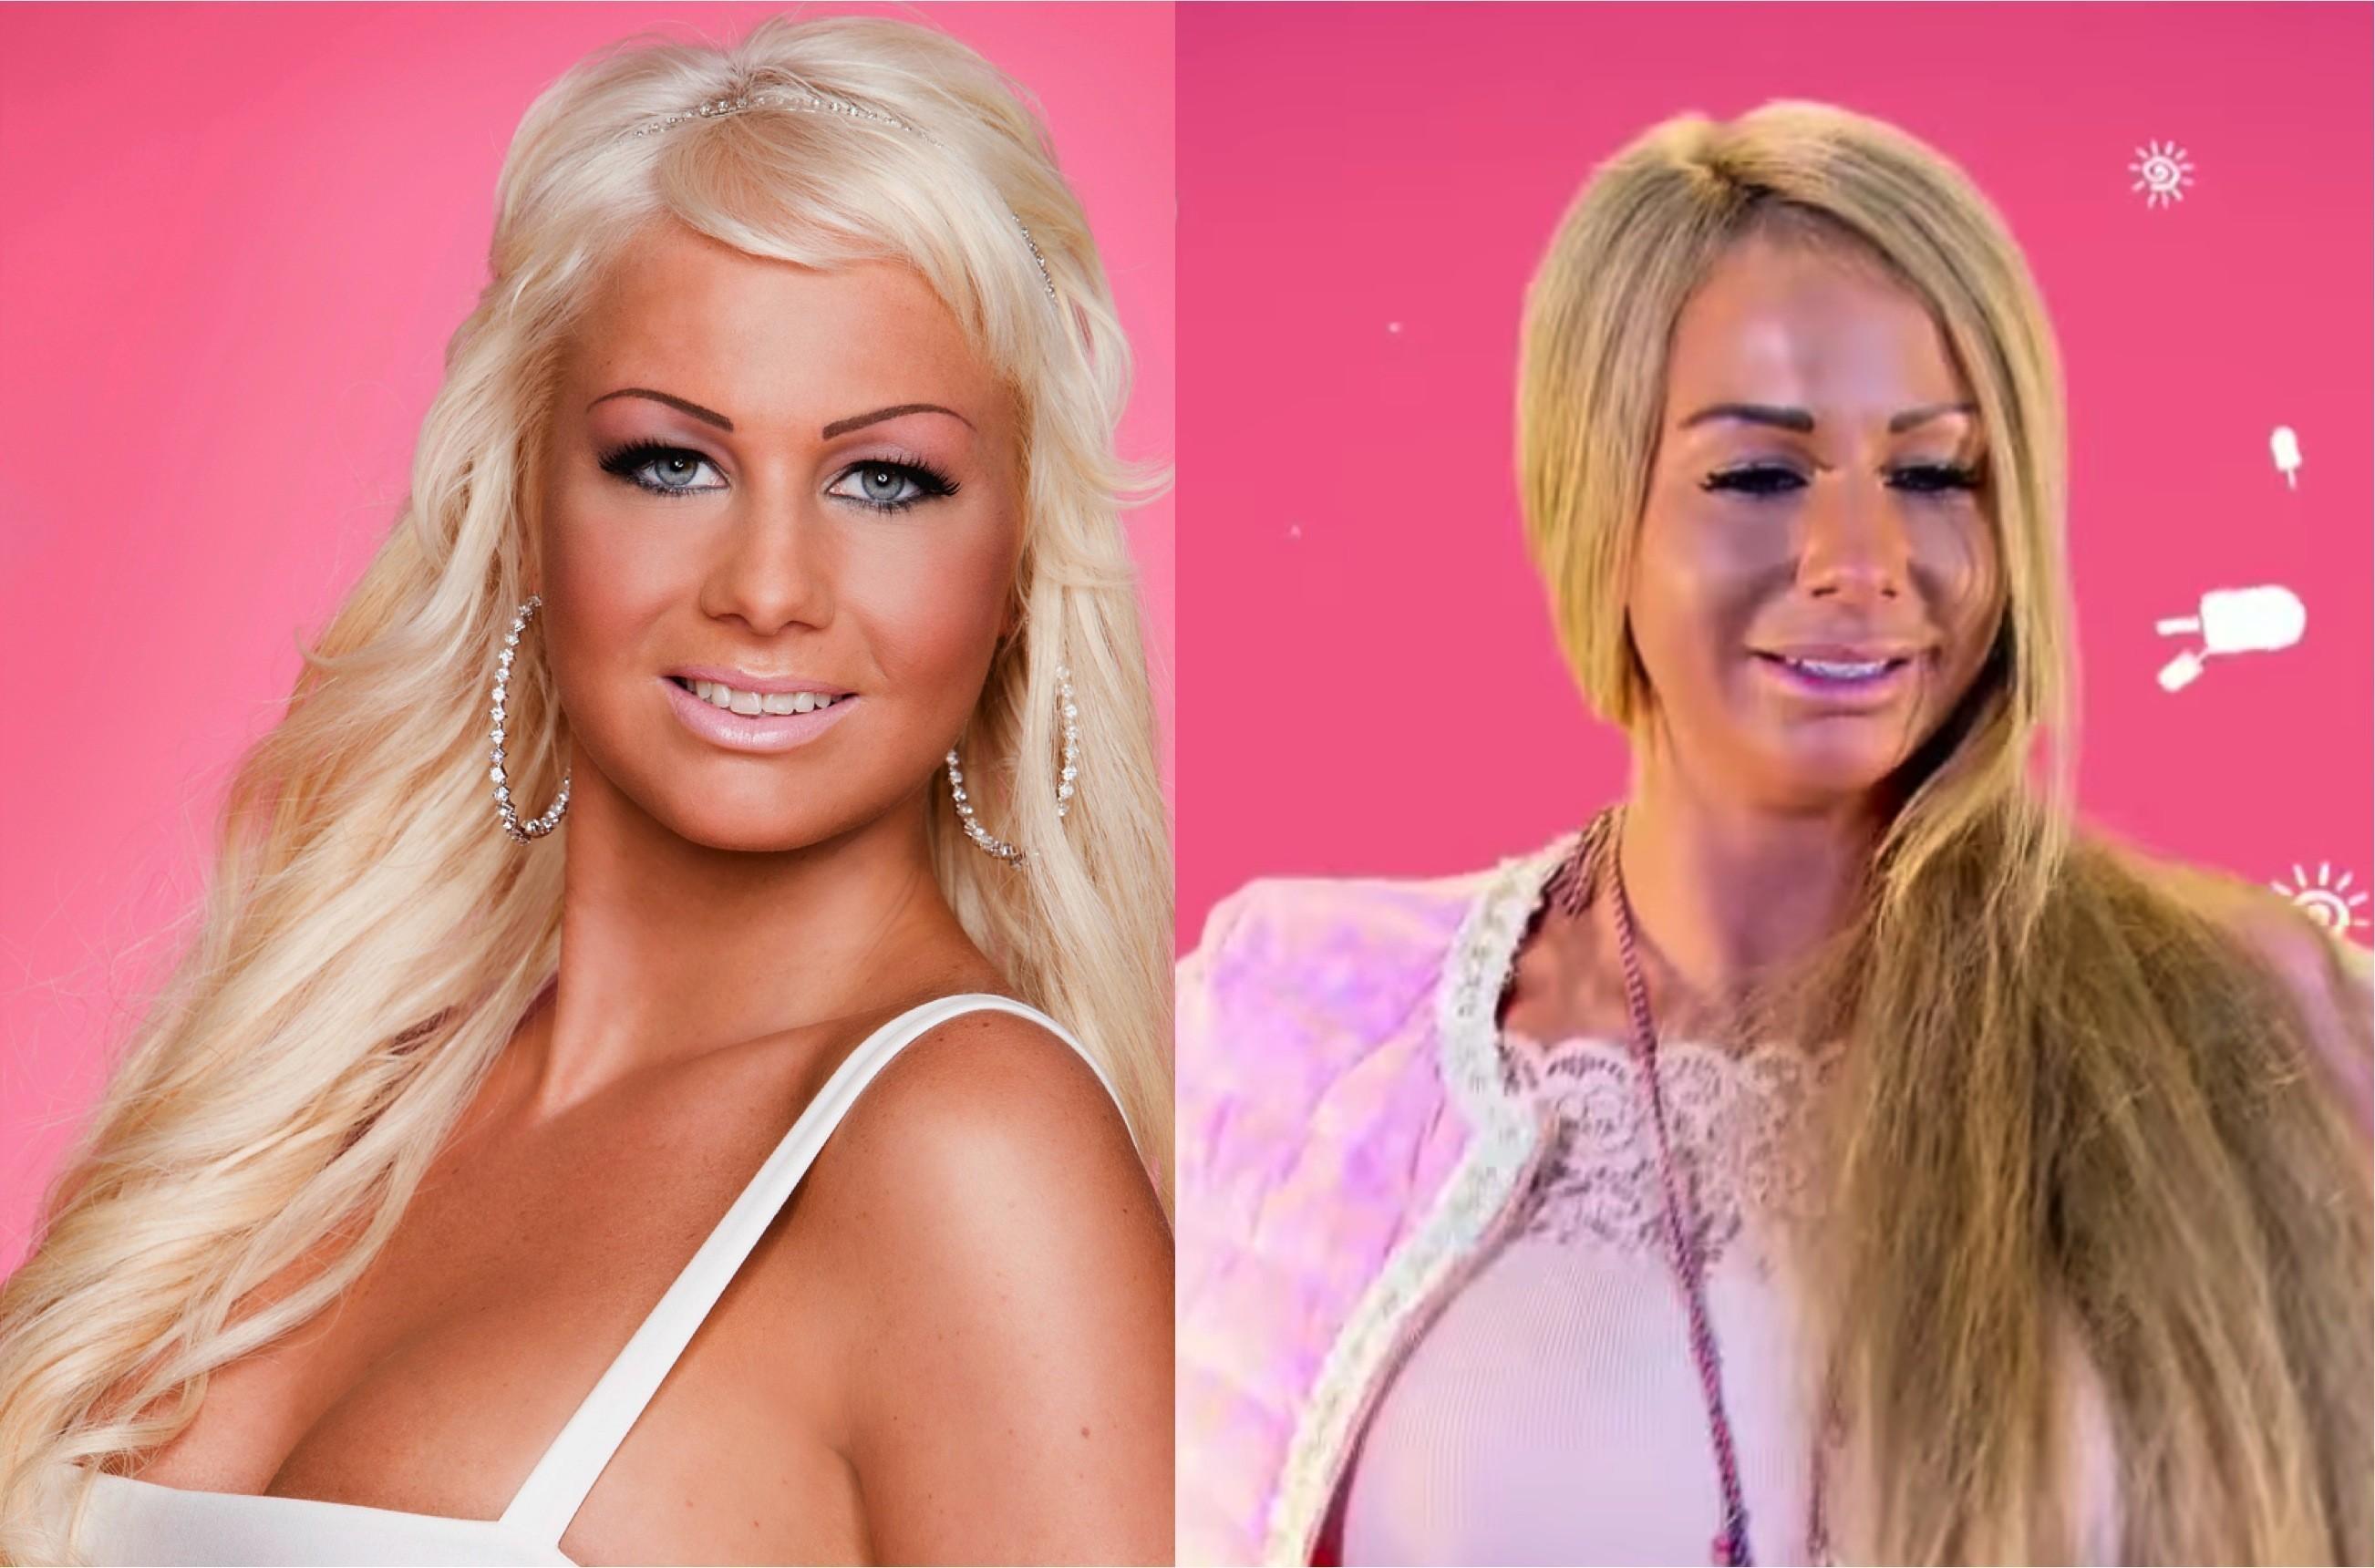 Wat heeft Barbie aan haar gezicht gedaan? - TVGids.nl